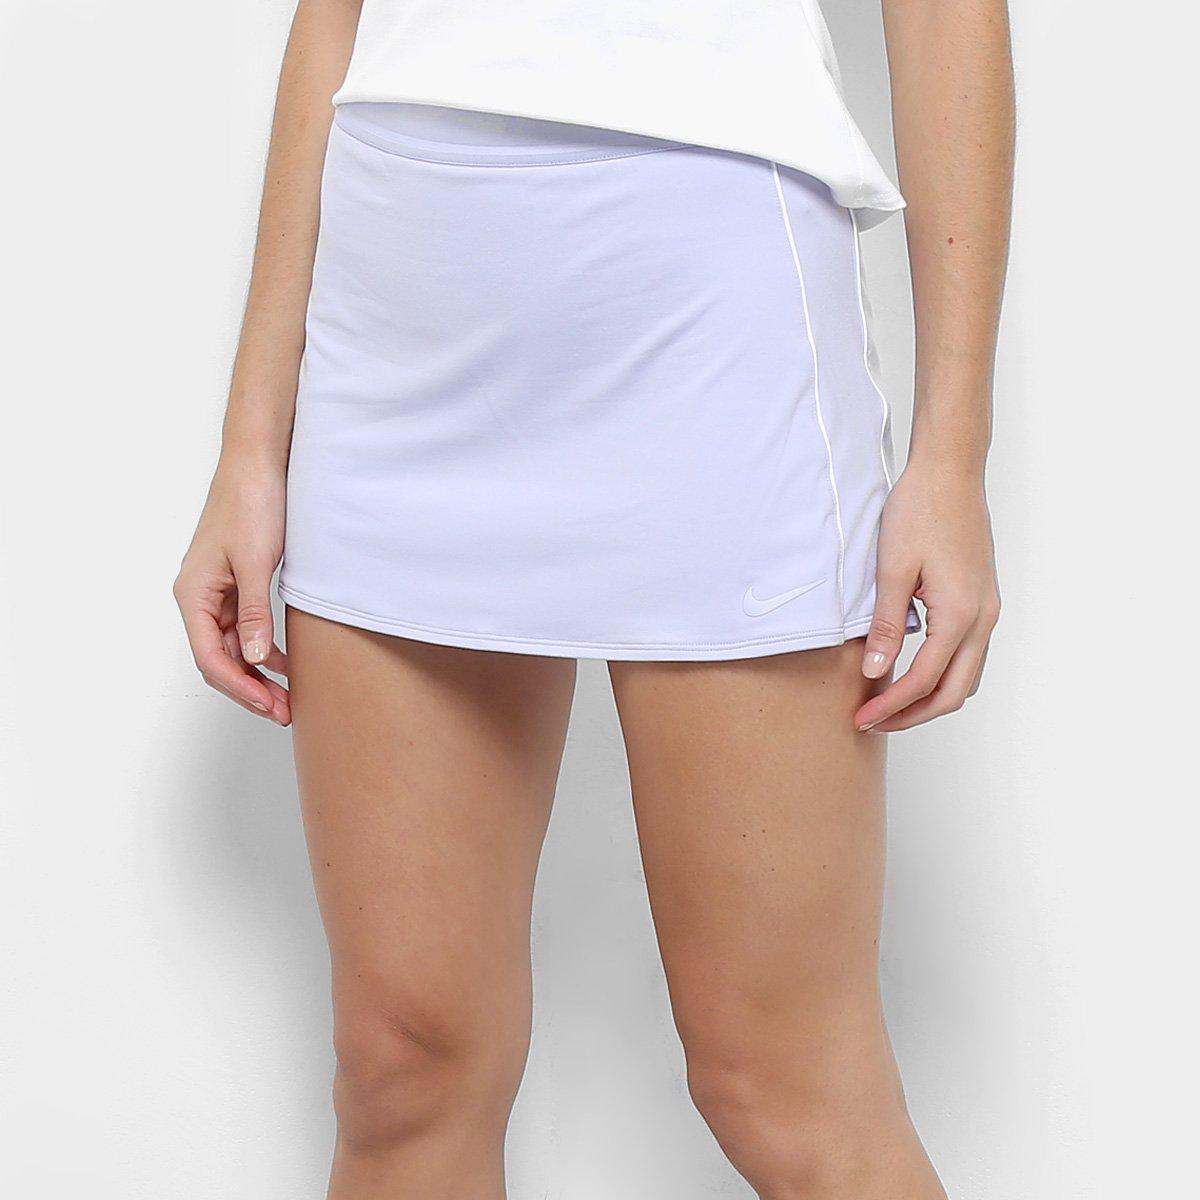 Saia Short Nike Dry